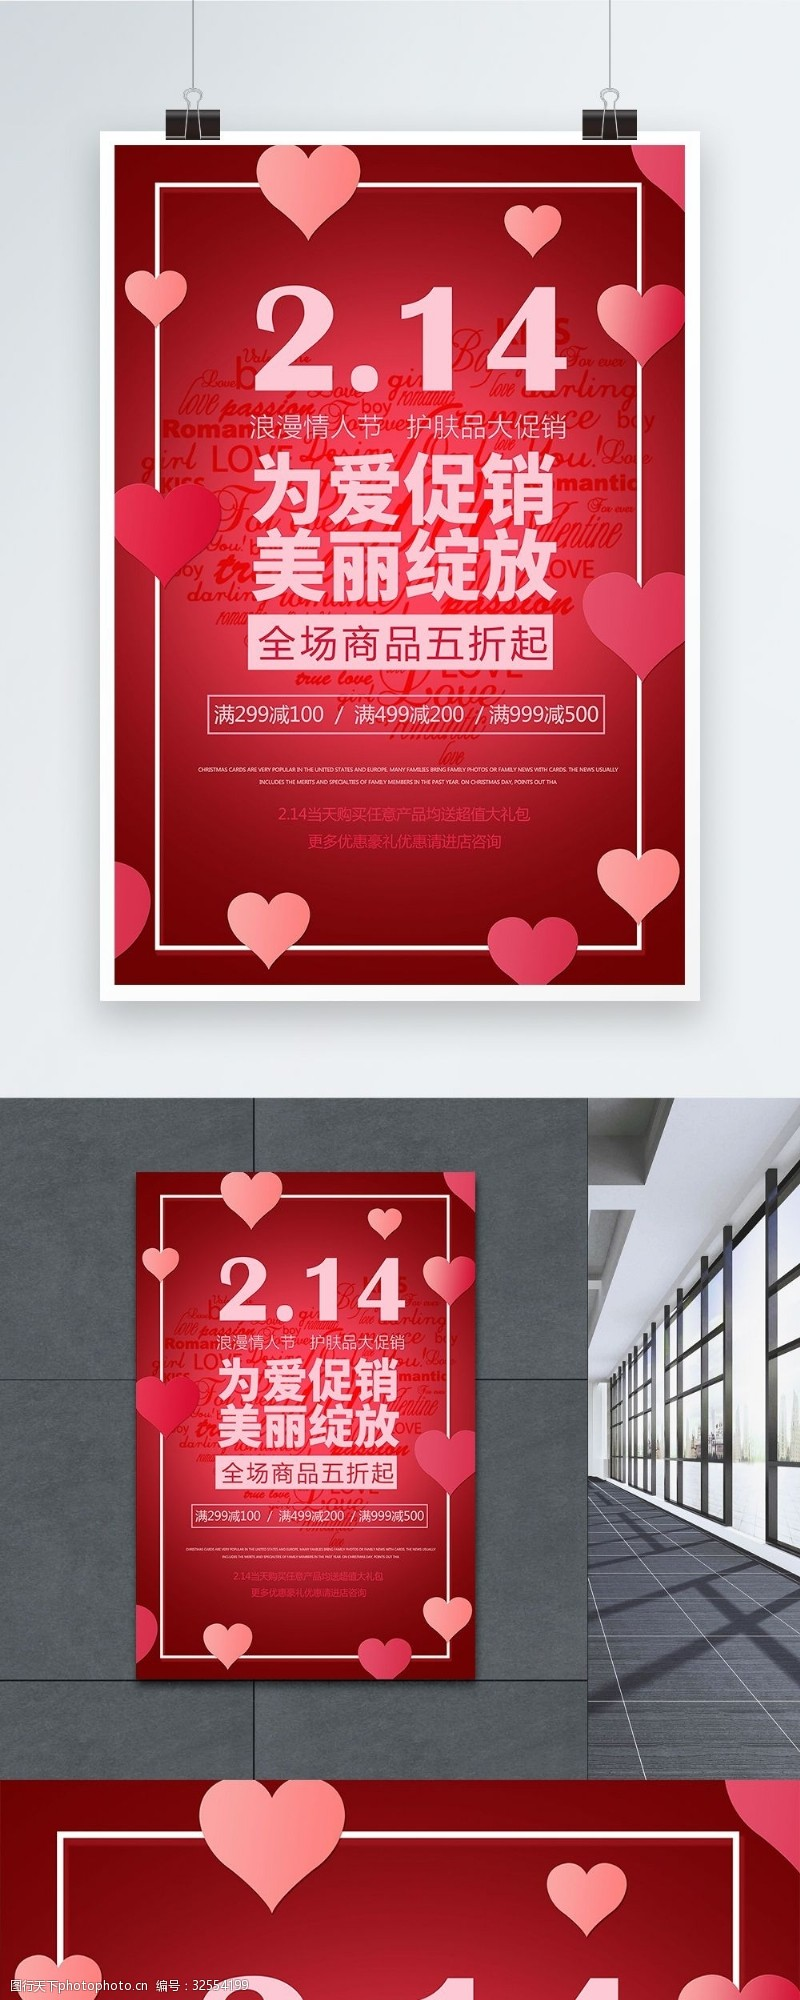 紅色浪漫214情人節護膚品促銷海報